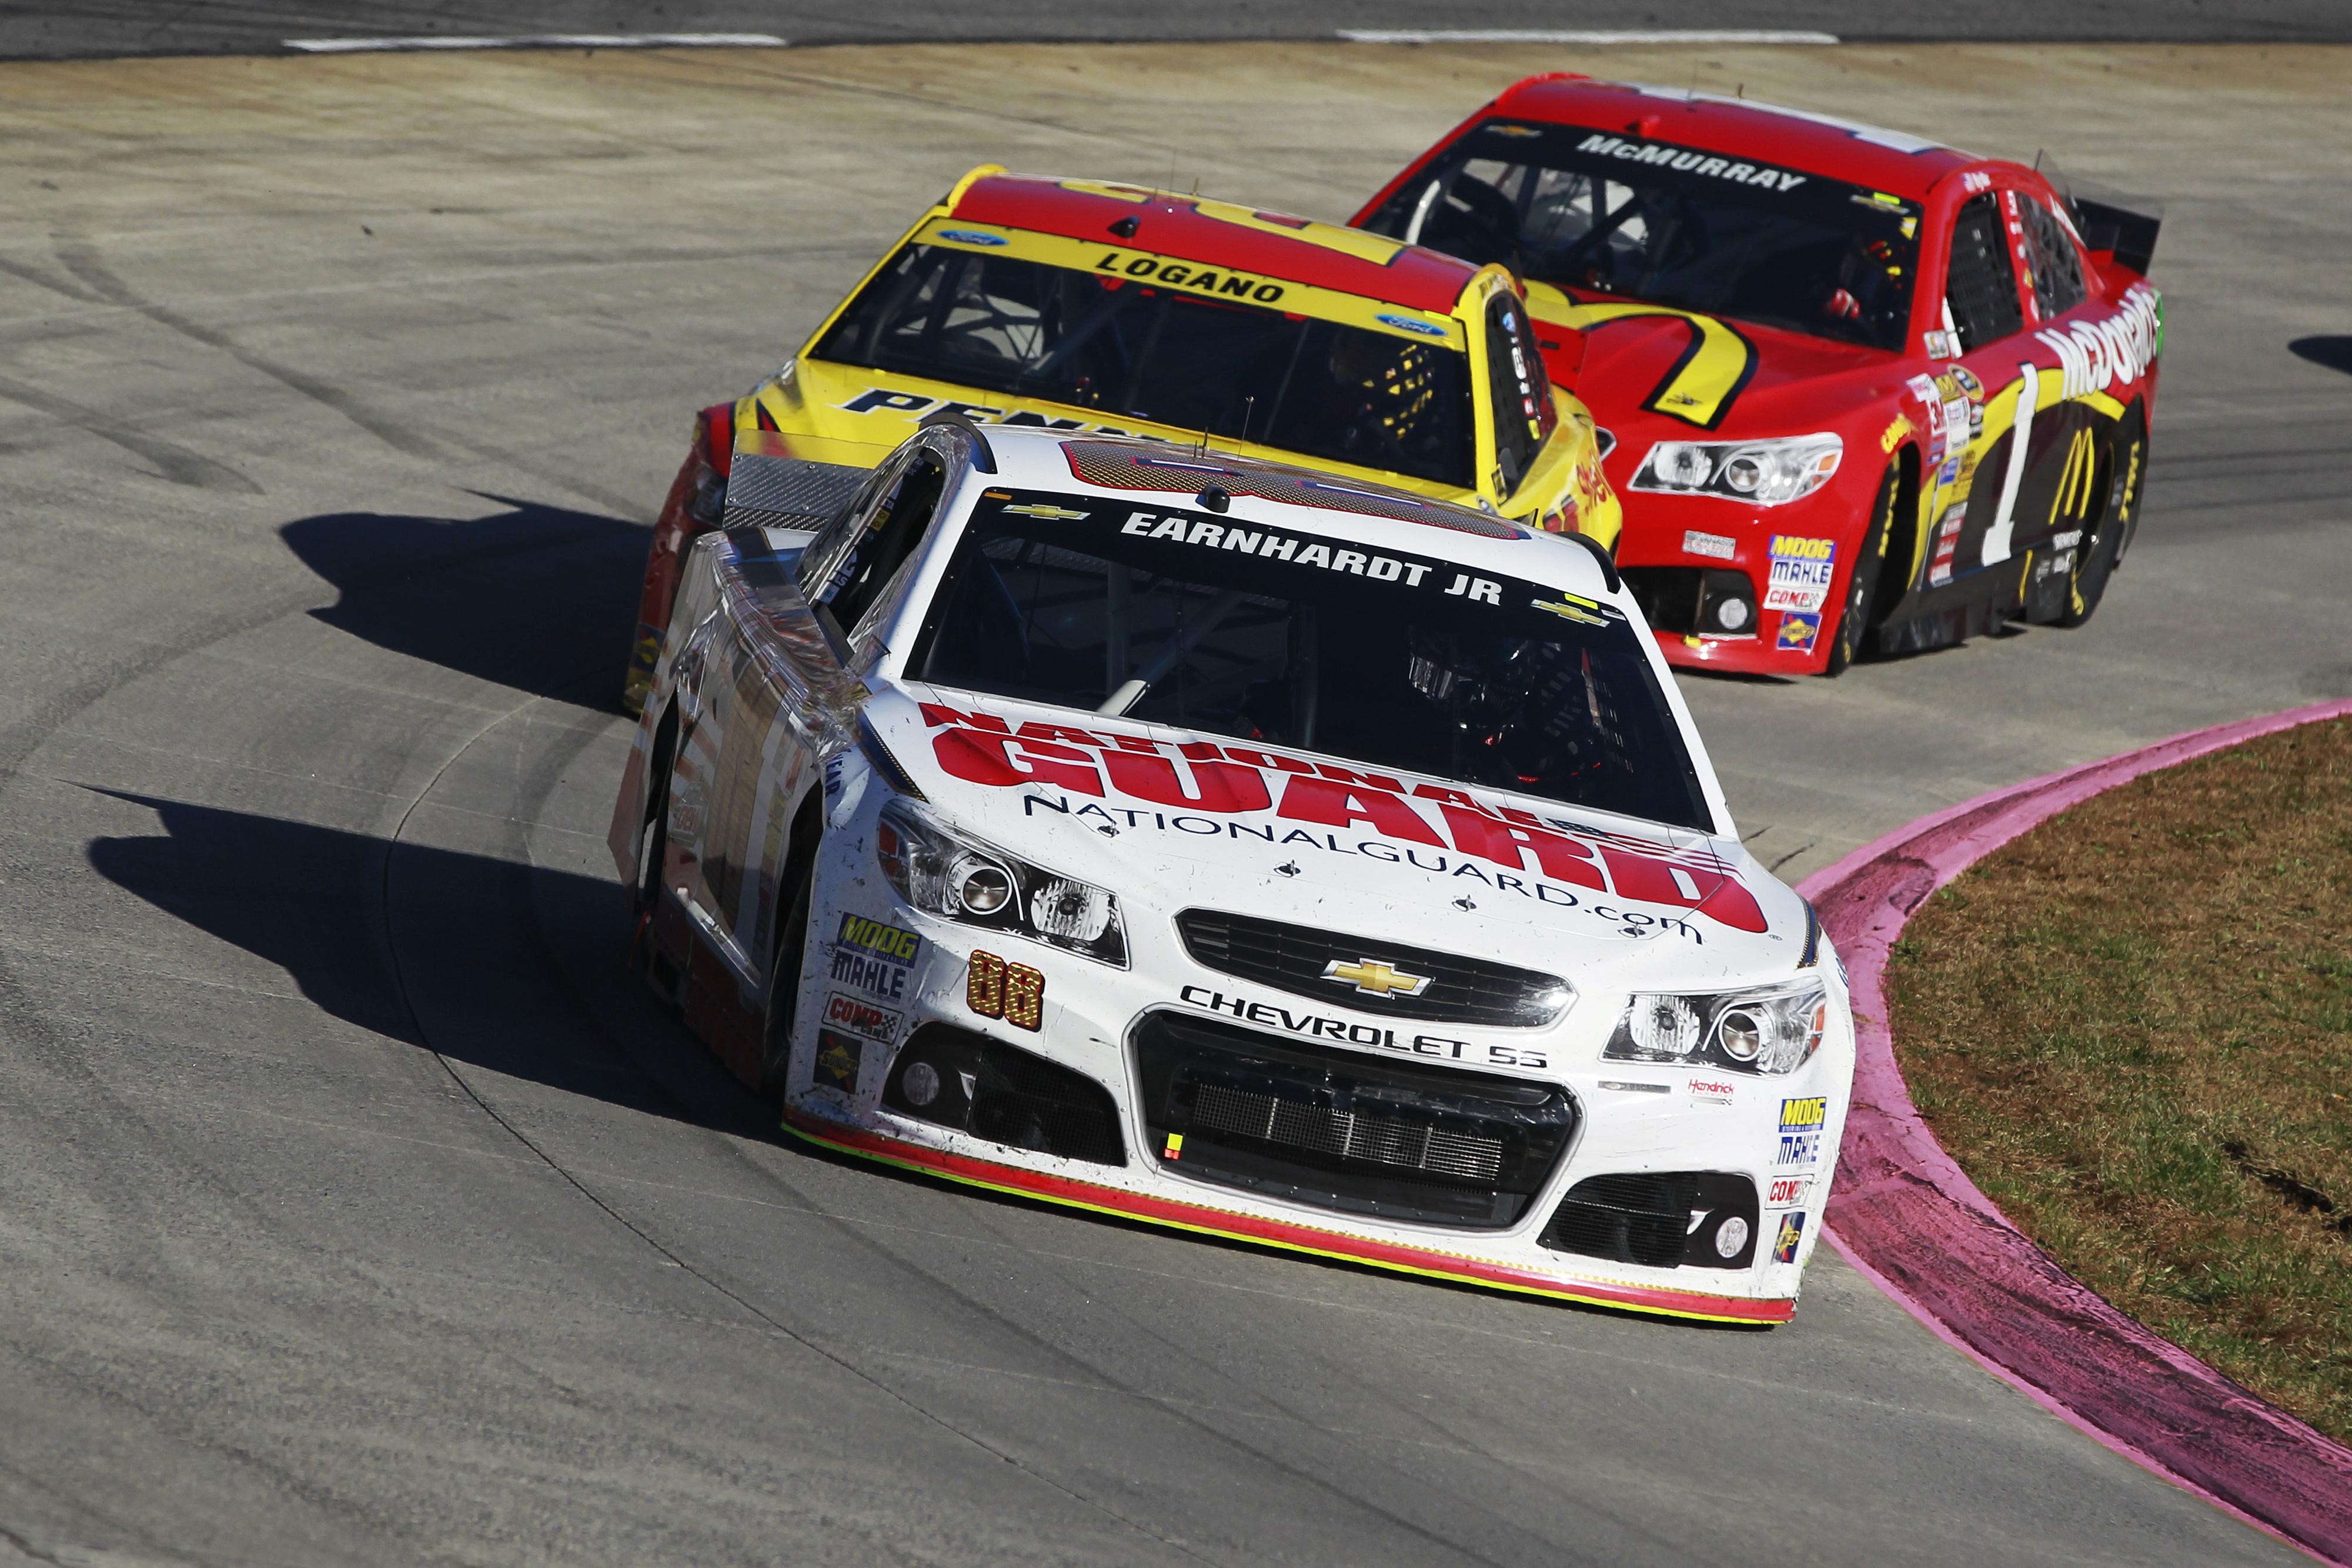 Martinsville shakes NASCAR power rankings